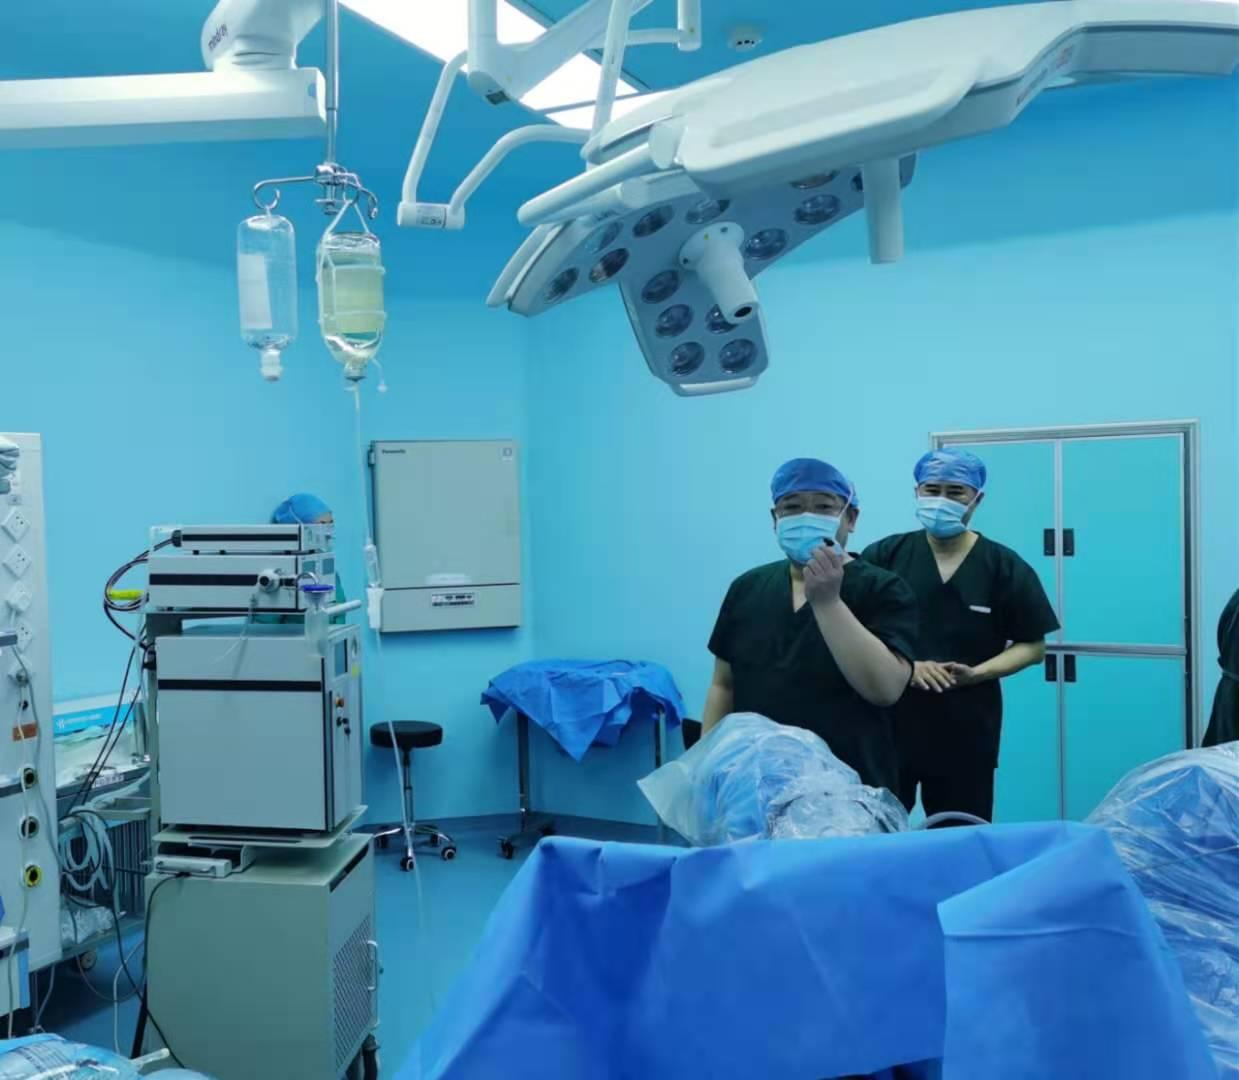 """沈阳市卫生健康系统""""人才建设年、科技创新年、基层提升年""""建设成果之沈阳市红十字会医院工作纪实"""